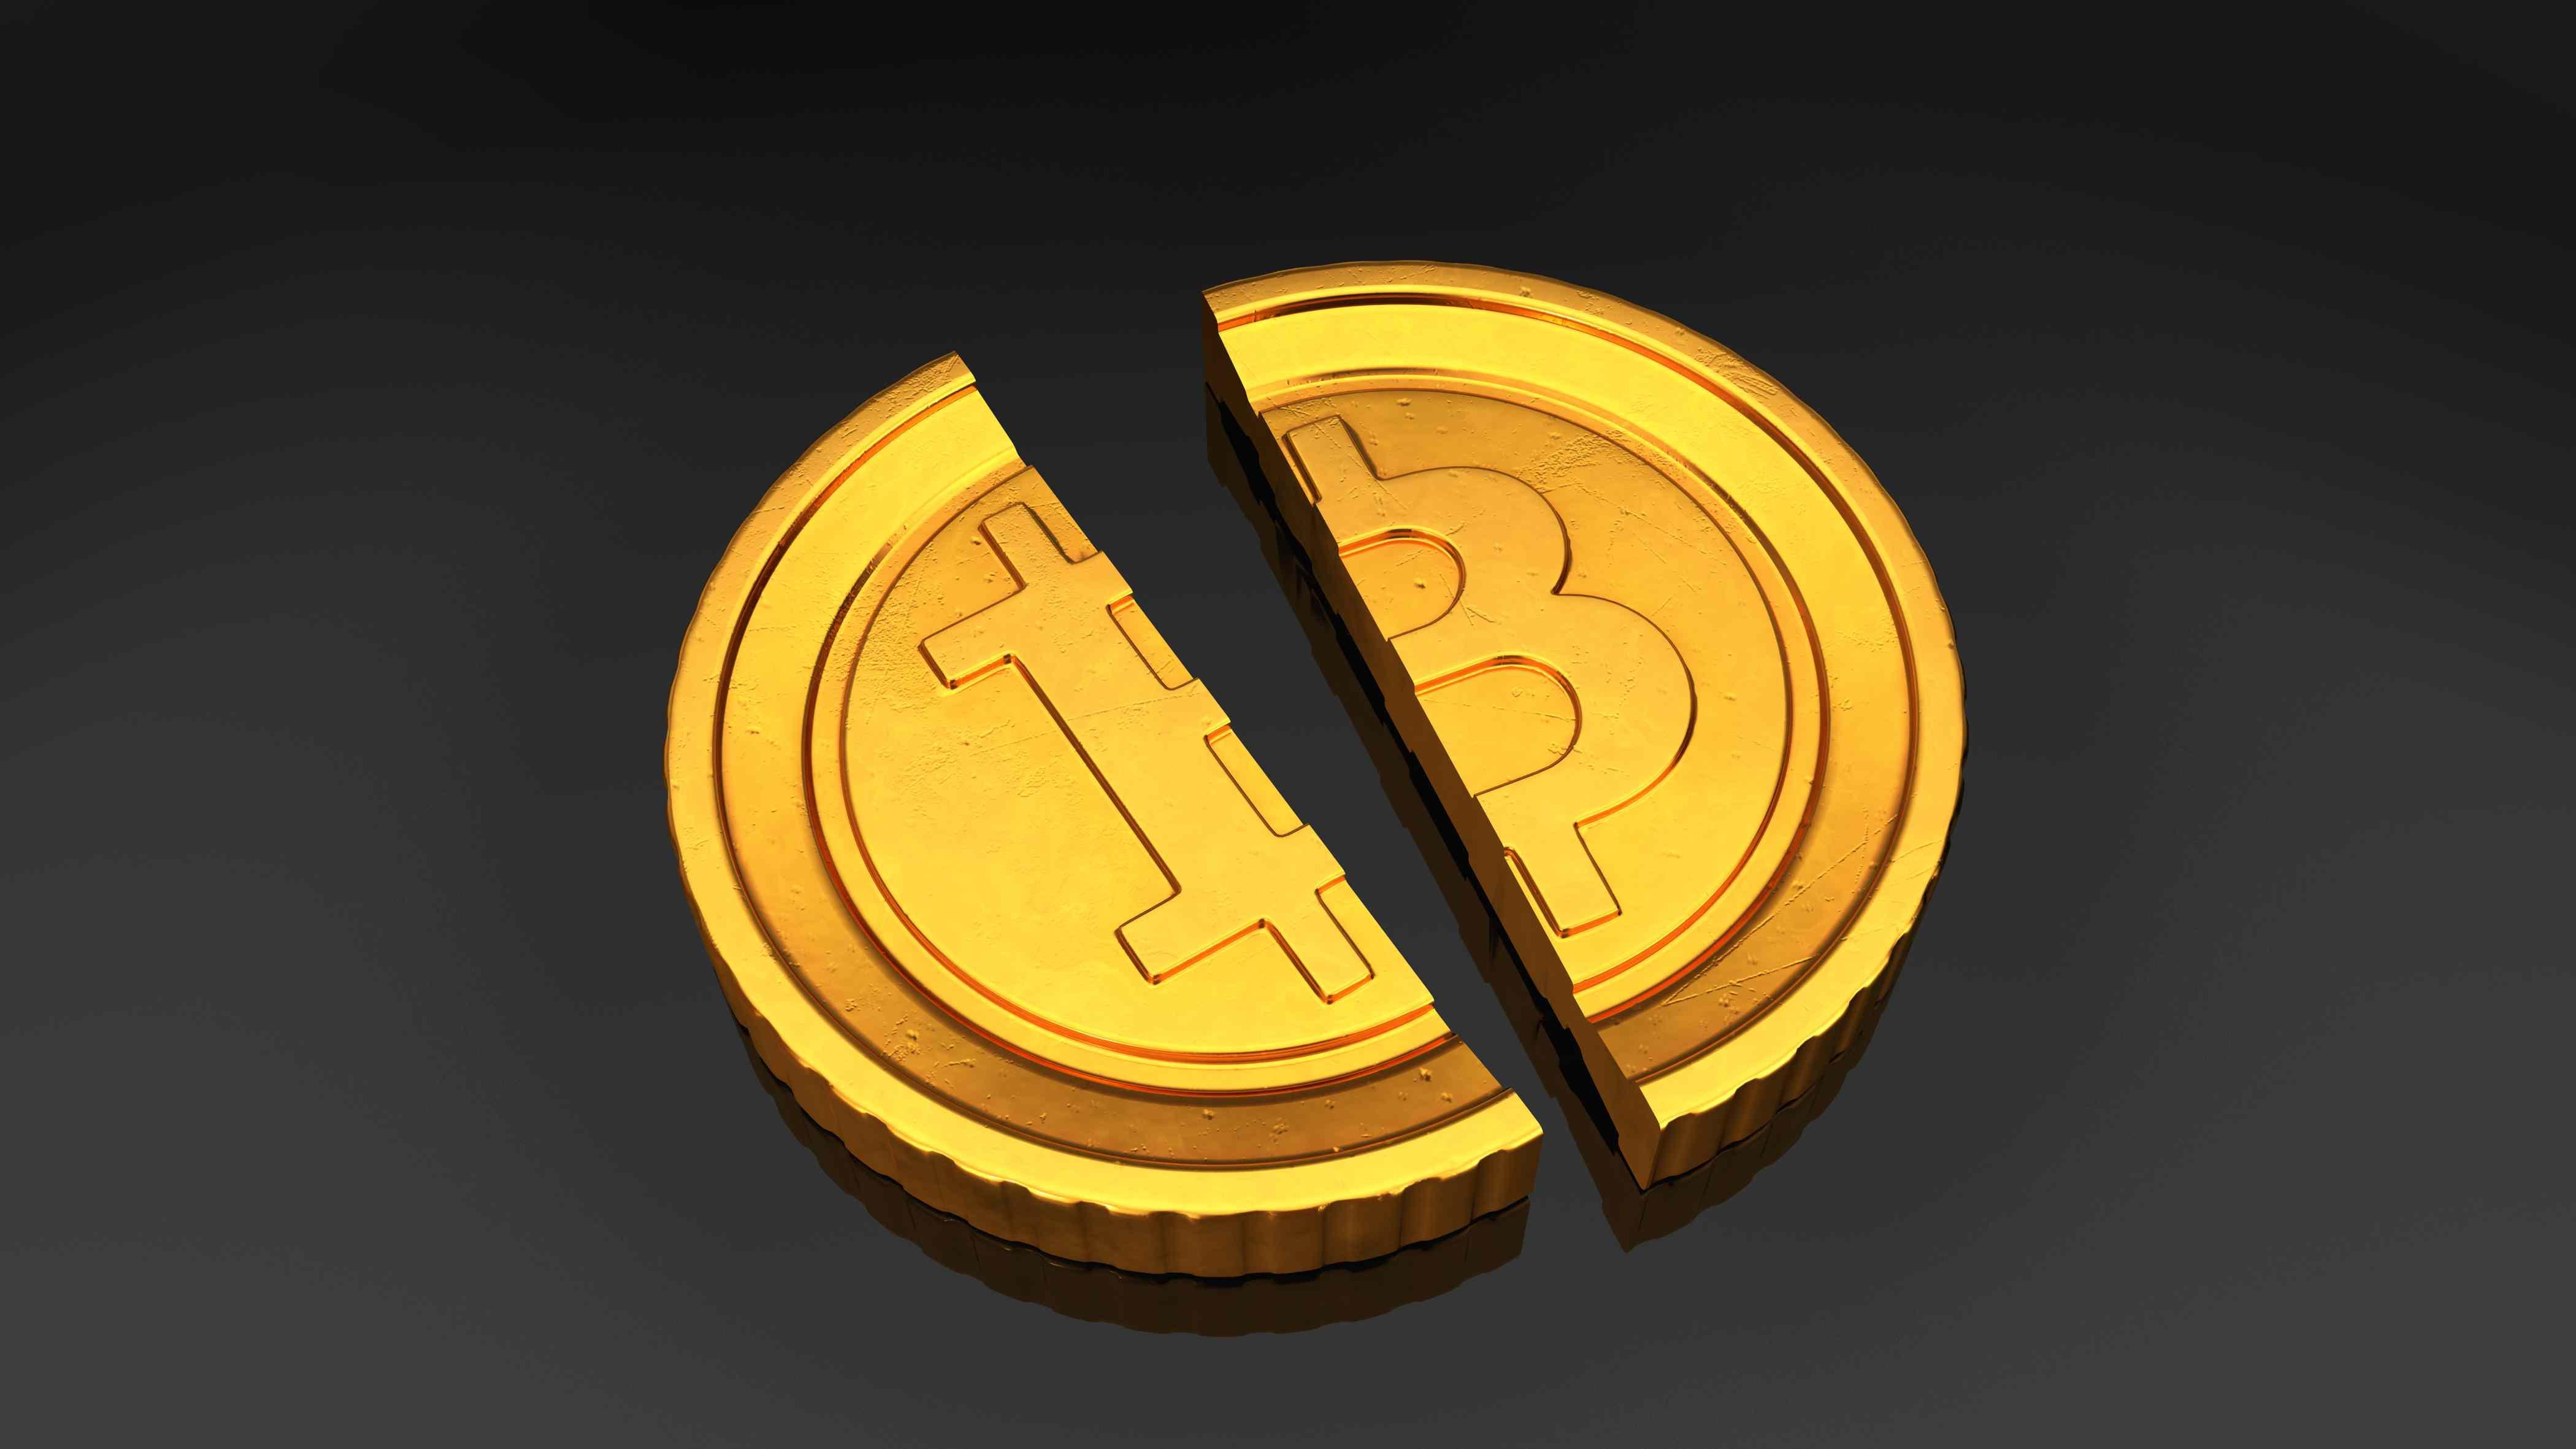 El valor de Bitcoin colapsa a menos de $200 USD, su precio más bajo desde octubre de 2013